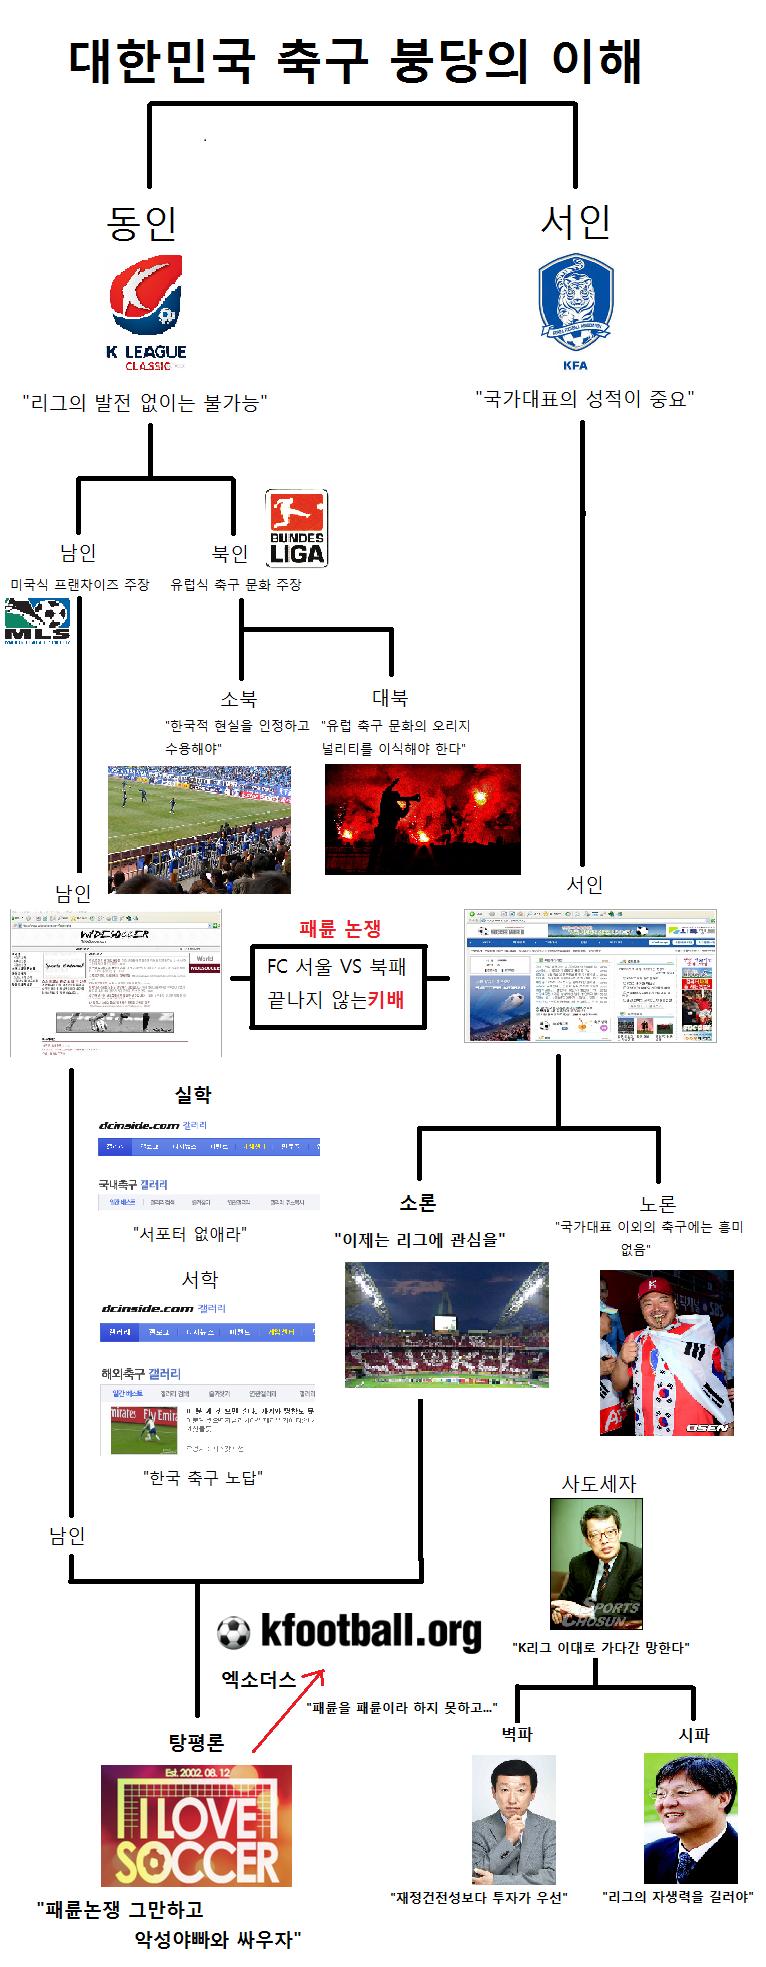 축구 붕당의 이해.png